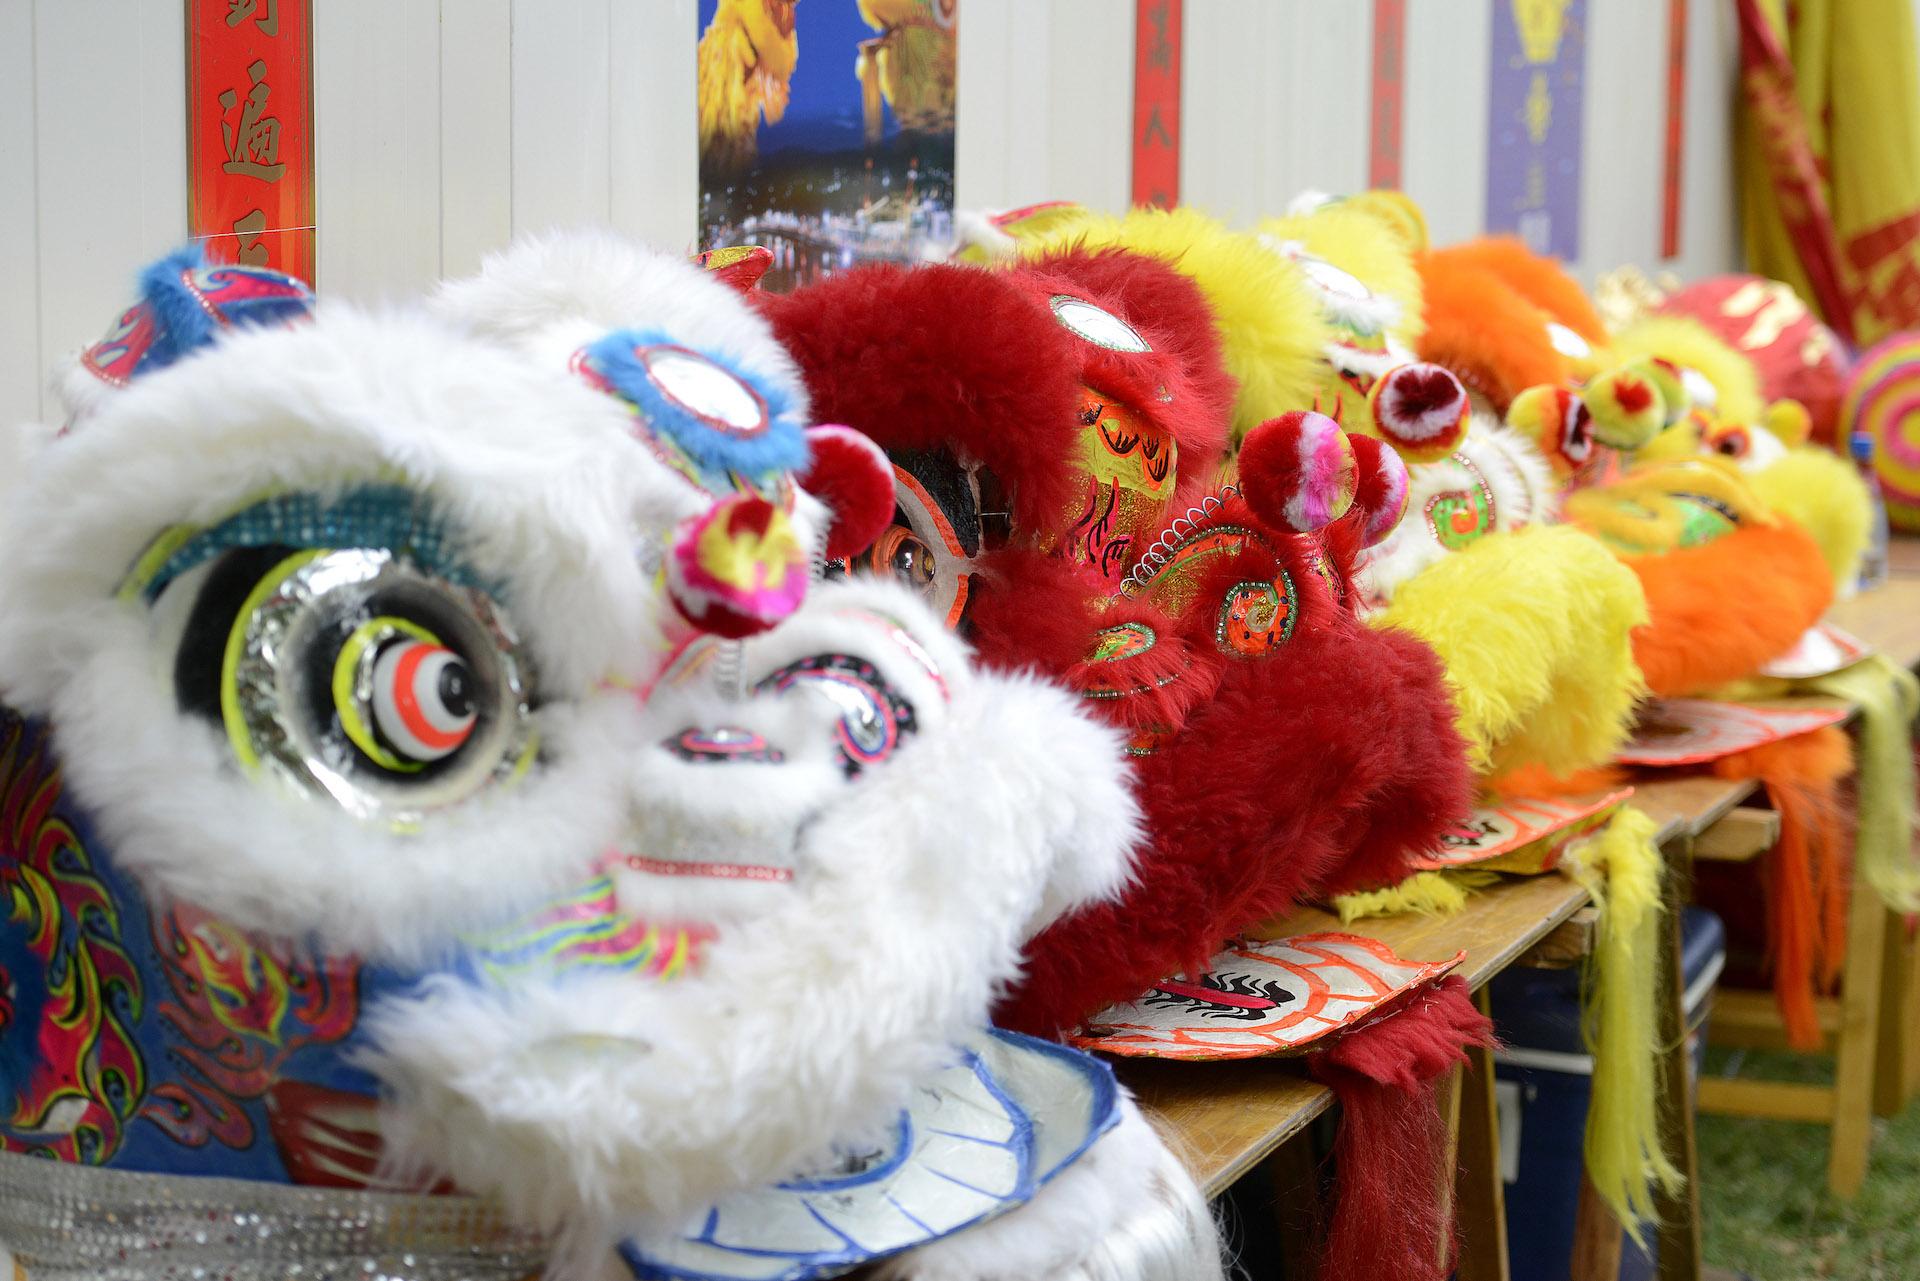 Las máscaras son verdaderas obras de arte. Y cada año son diferentes.